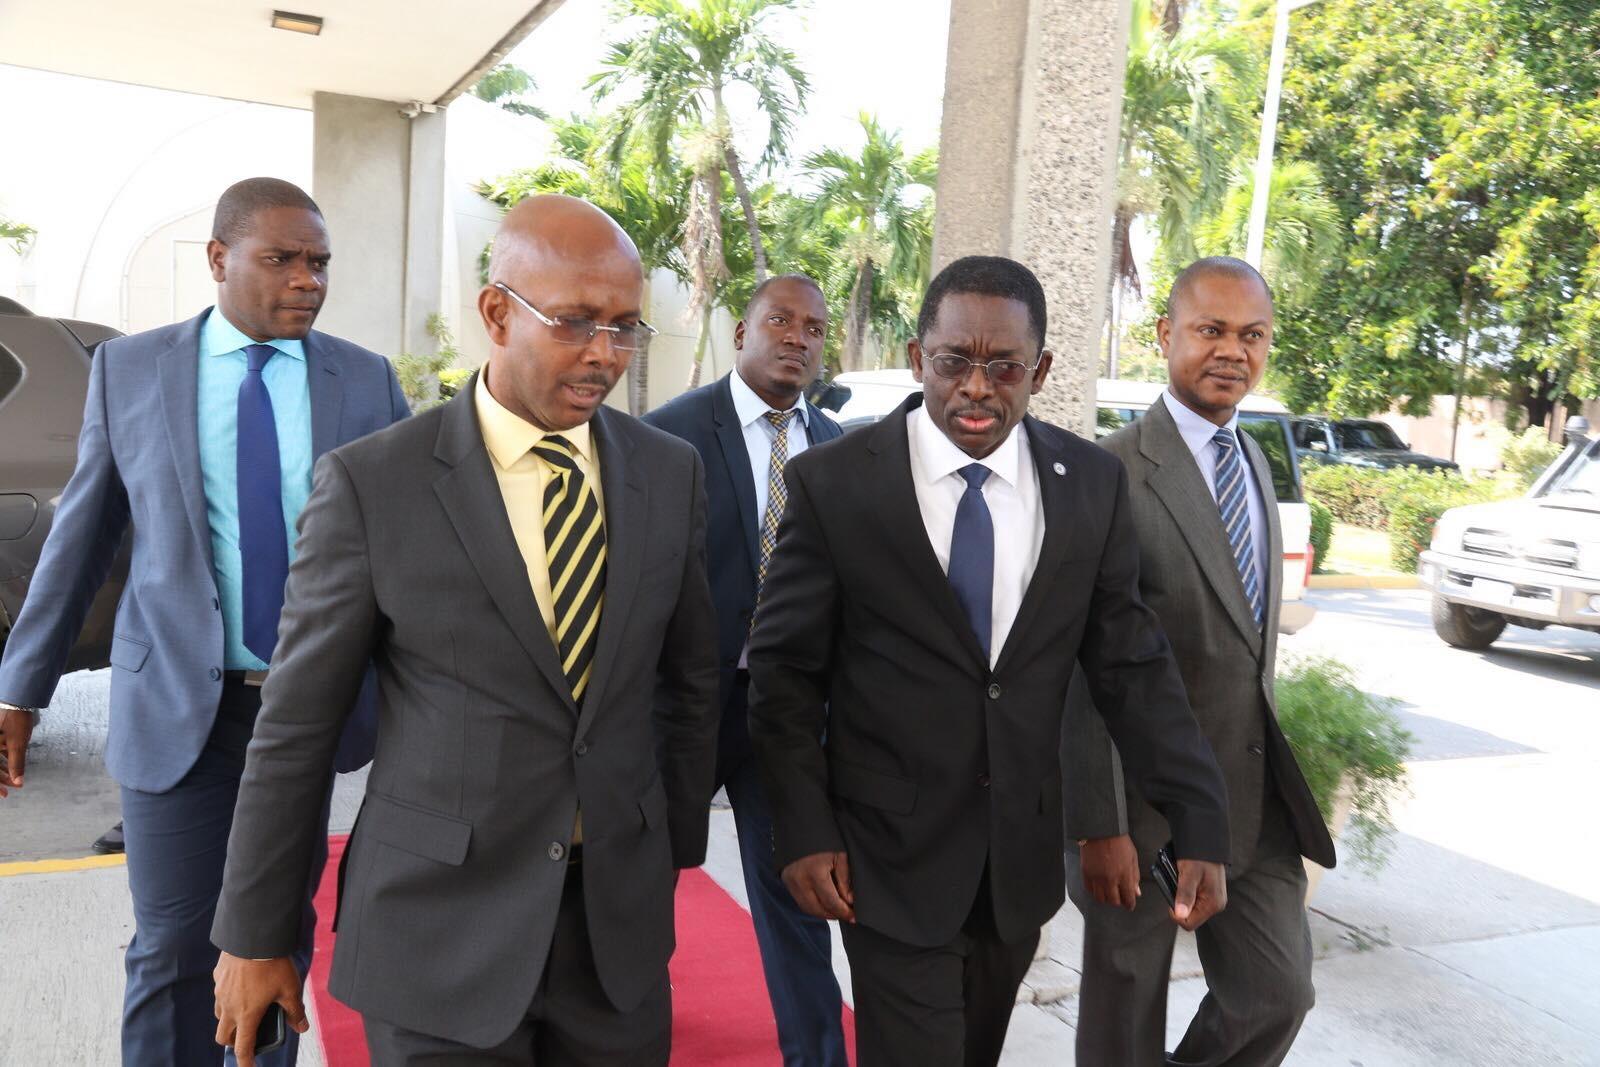 A gauche, le Premier ministre a.i Jean Michel Lapin, accompagné des membres de son cabinet